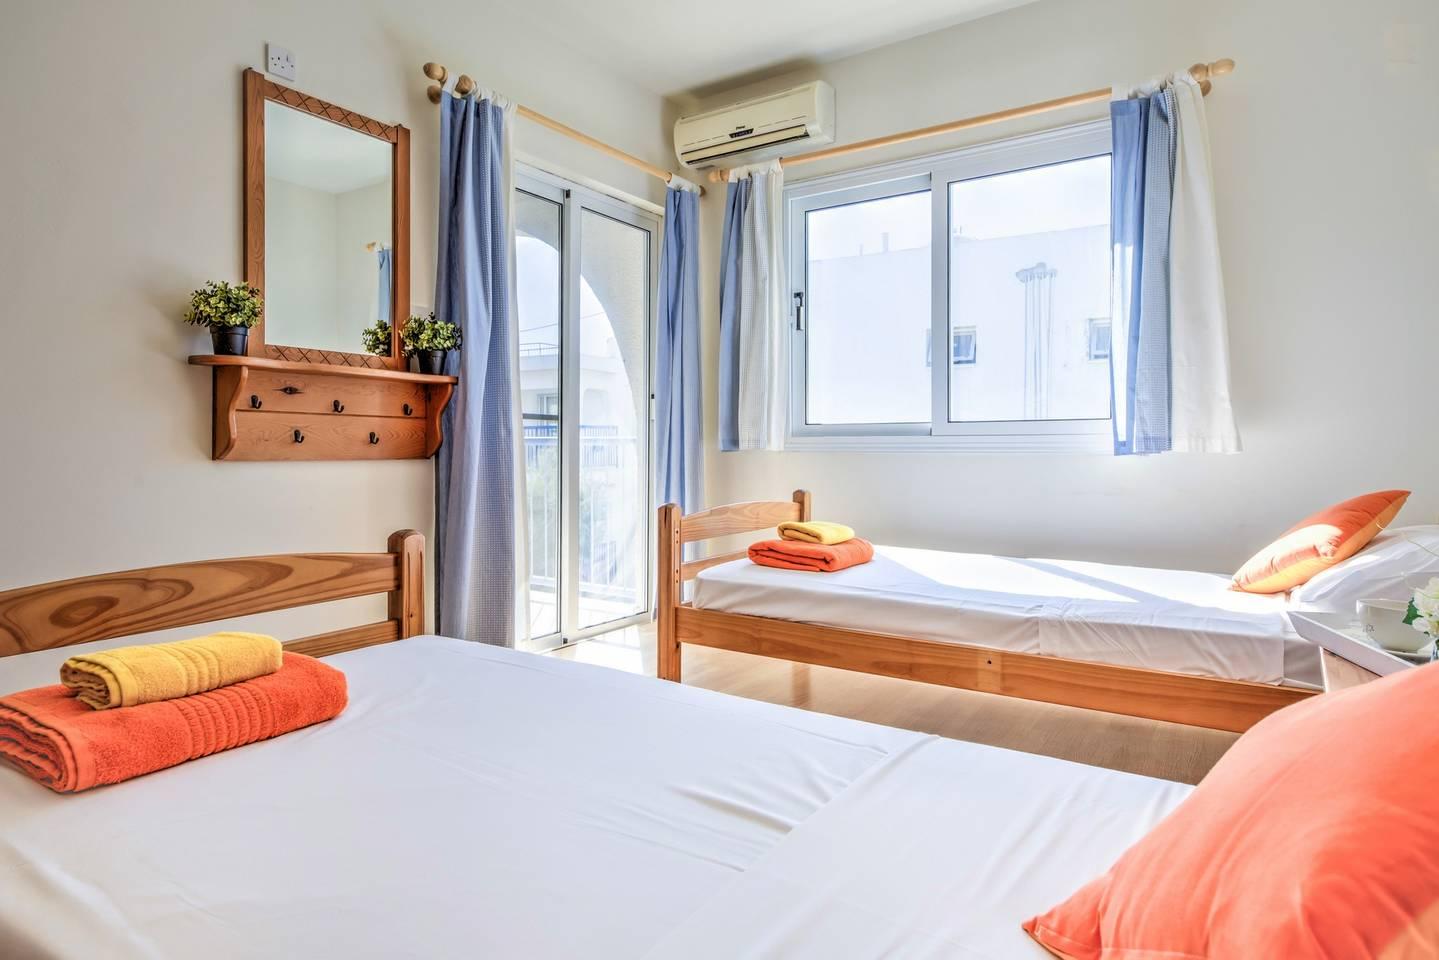 Large 2 Bedroom Apt - Ayia Napa Centre - ANDREA photo 25600634